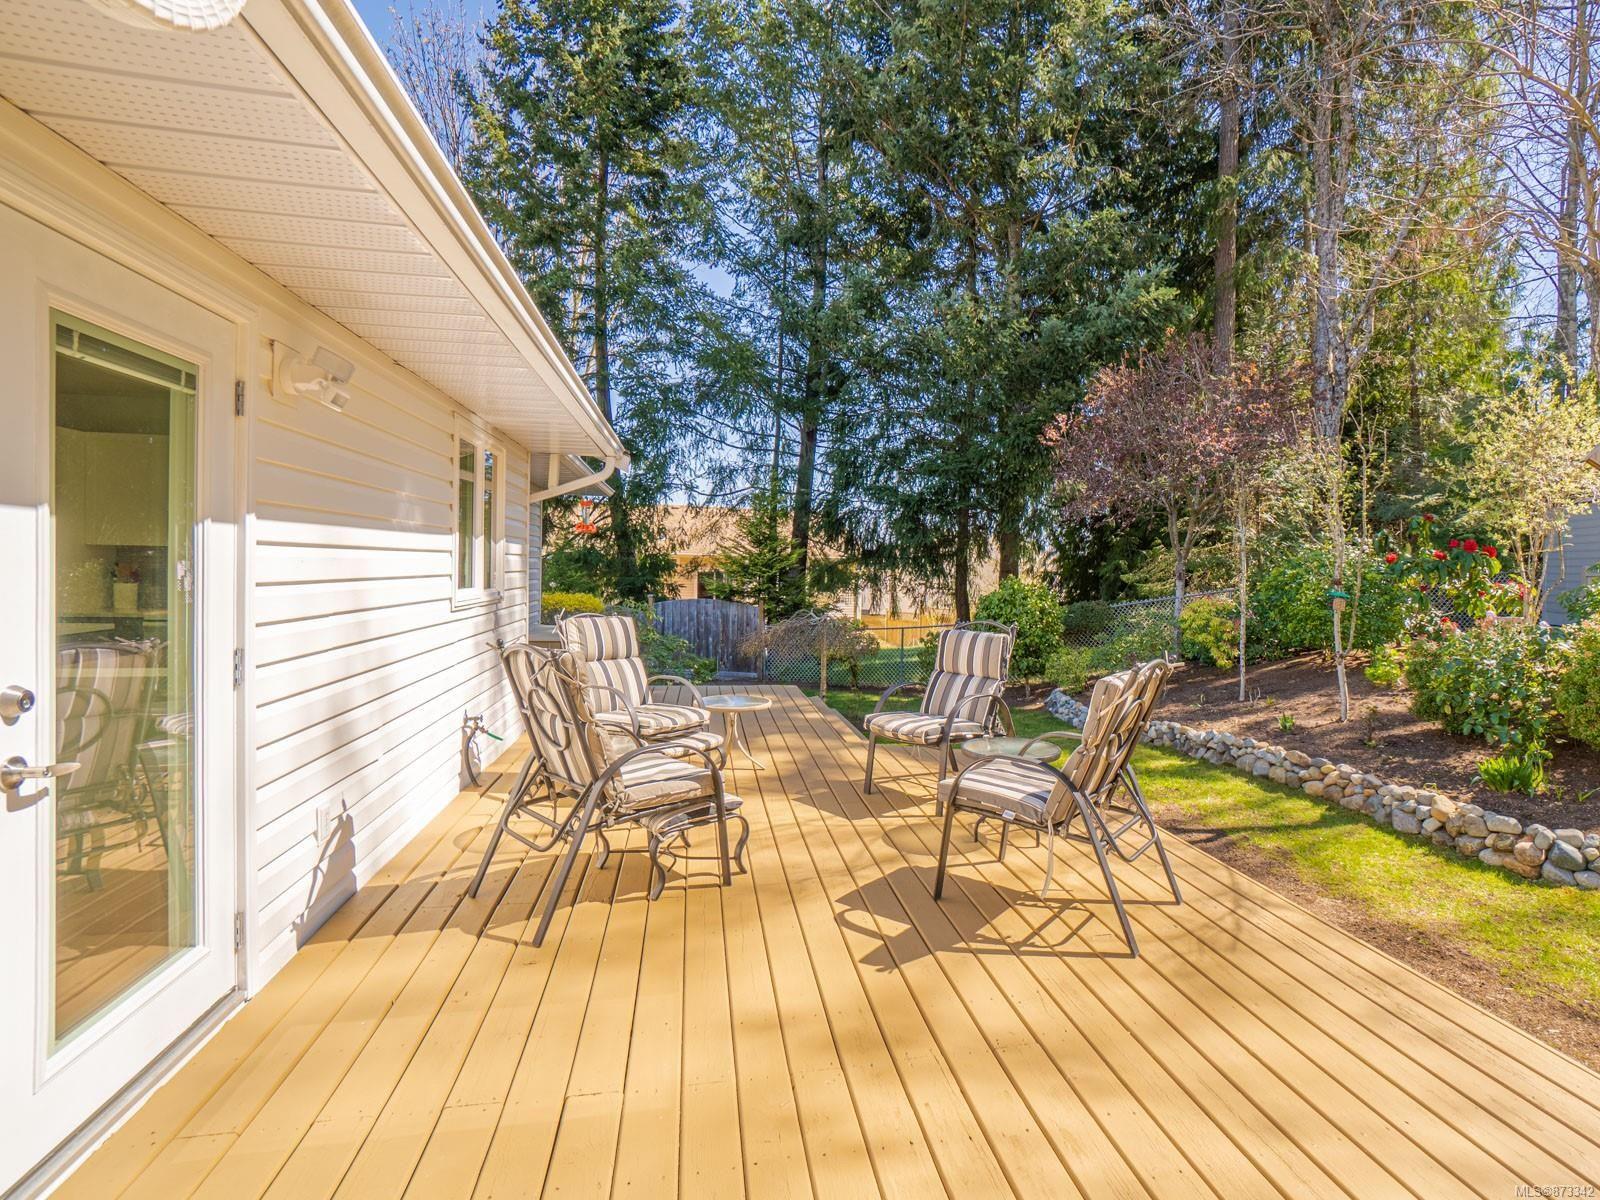 Photo 55: Photos: 5294 Catalina Dr in : Na North Nanaimo House for sale (Nanaimo)  : MLS®# 873342